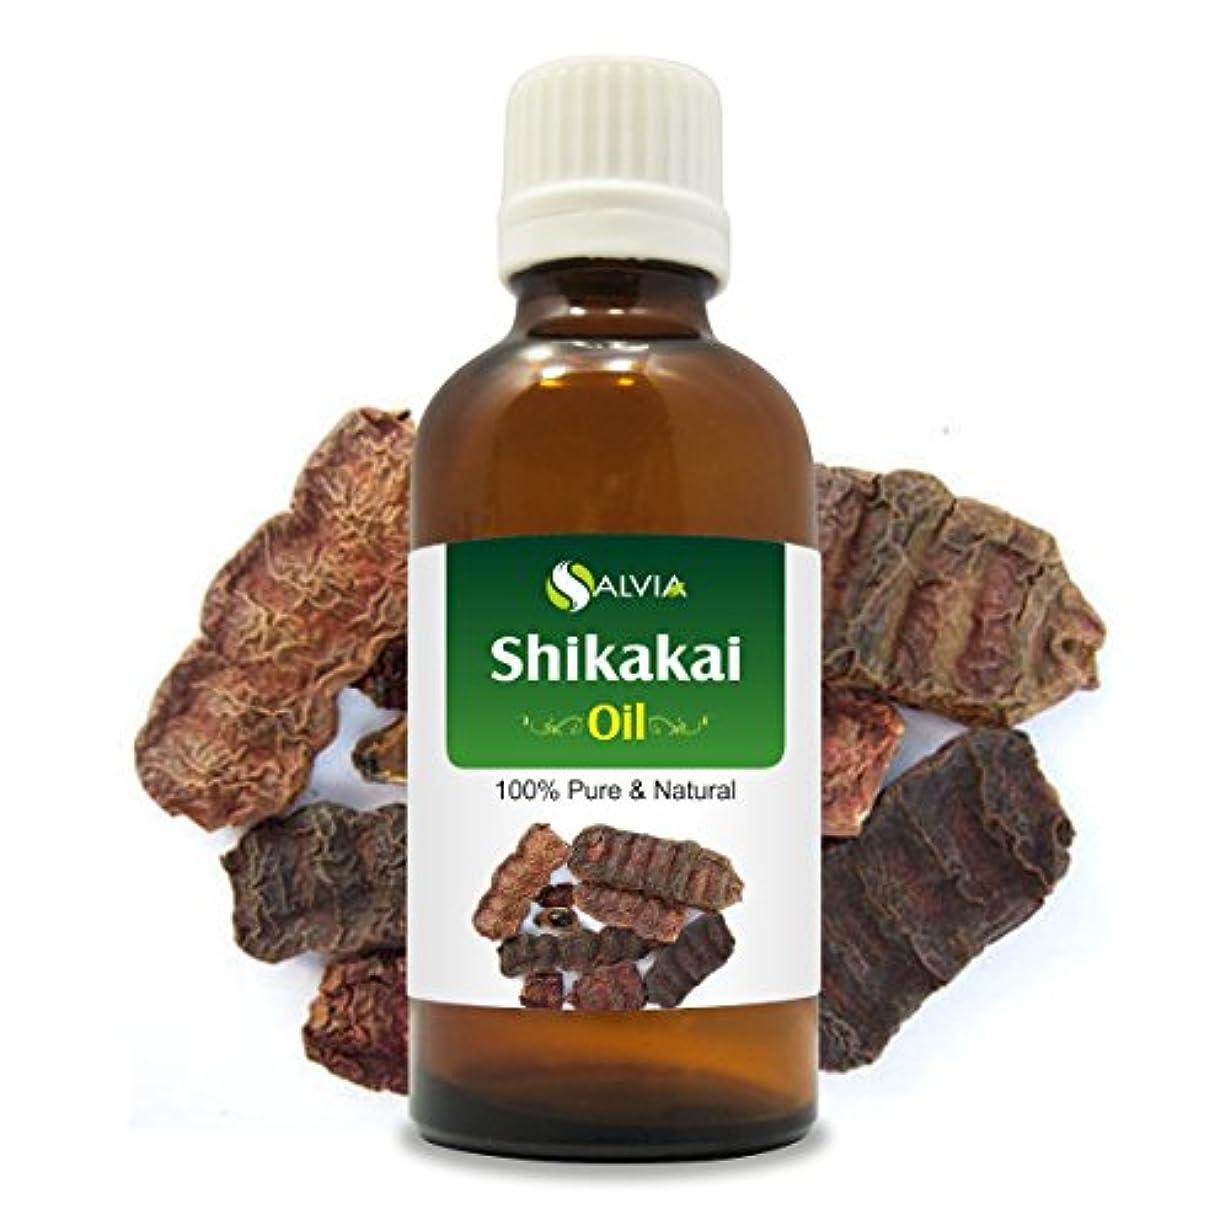 散歩身元広々としたSHIKAKAI OIL 100% NATURAL PURE UNDILUTED UNCUT OIL 100ML